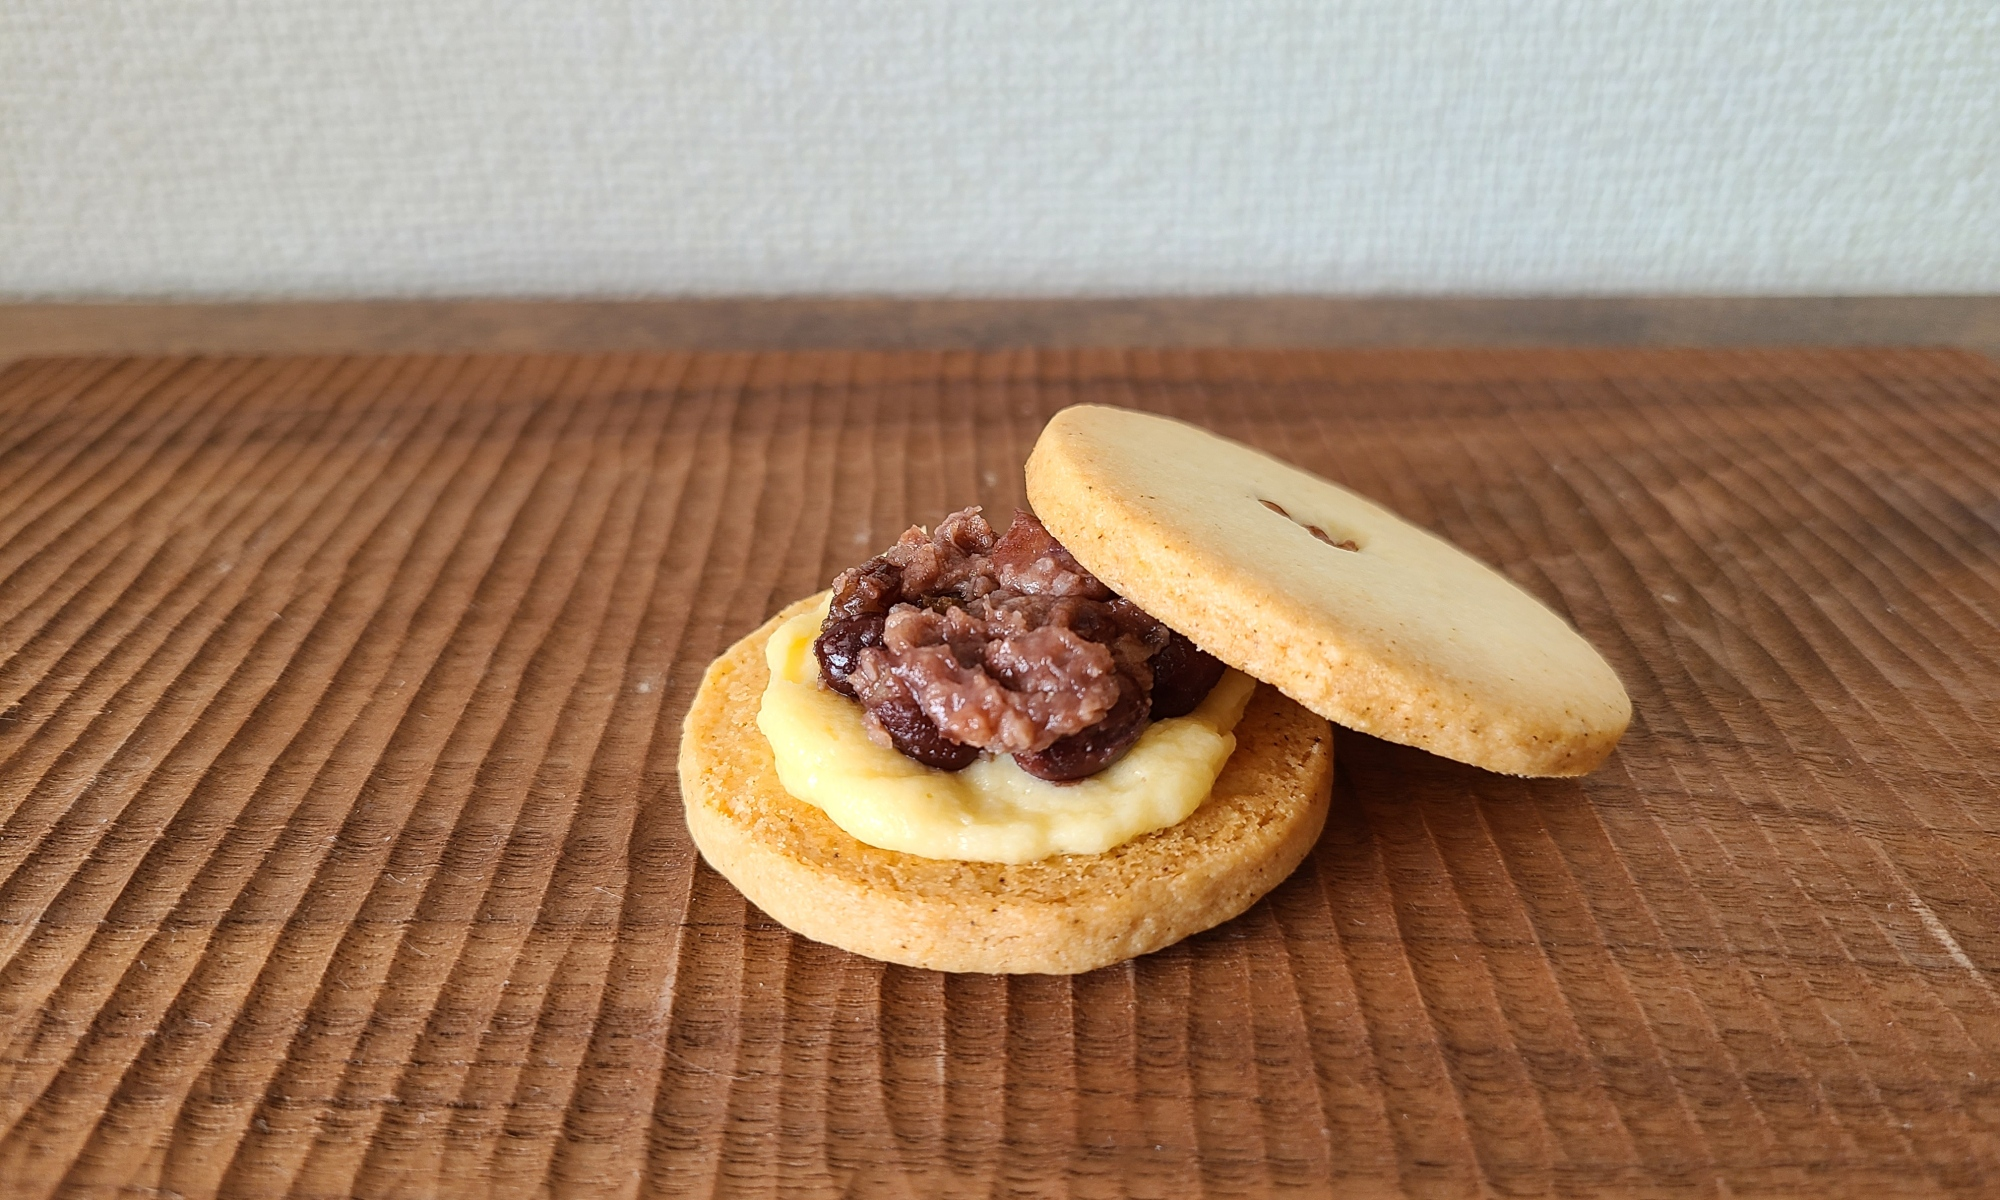 木板の上に発酵小豆とクリームがサンドされたクッキー